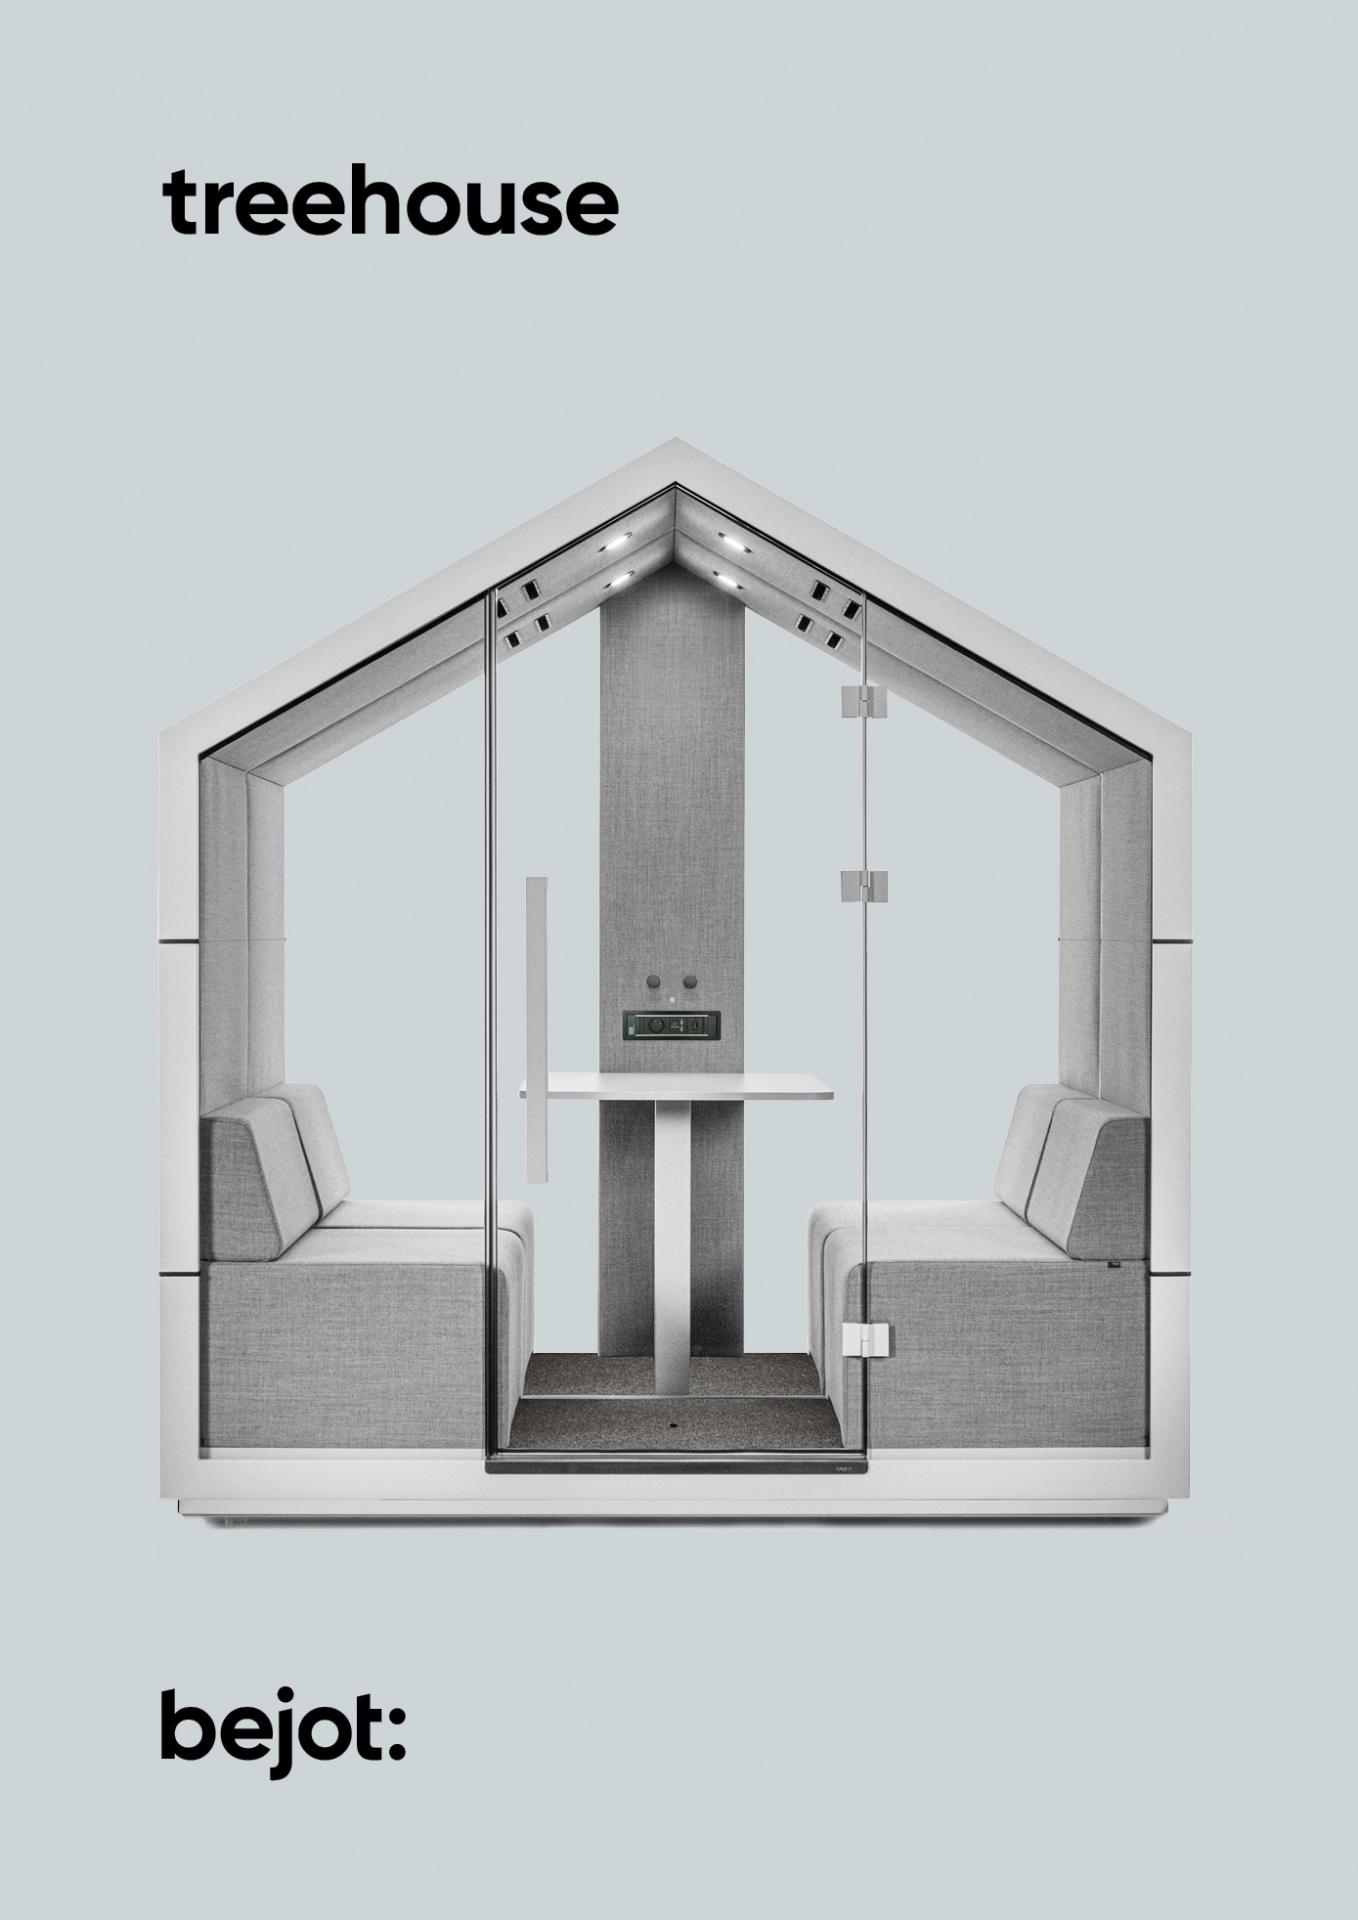 treehouse-akustik-kabinen-4-person1.jpg